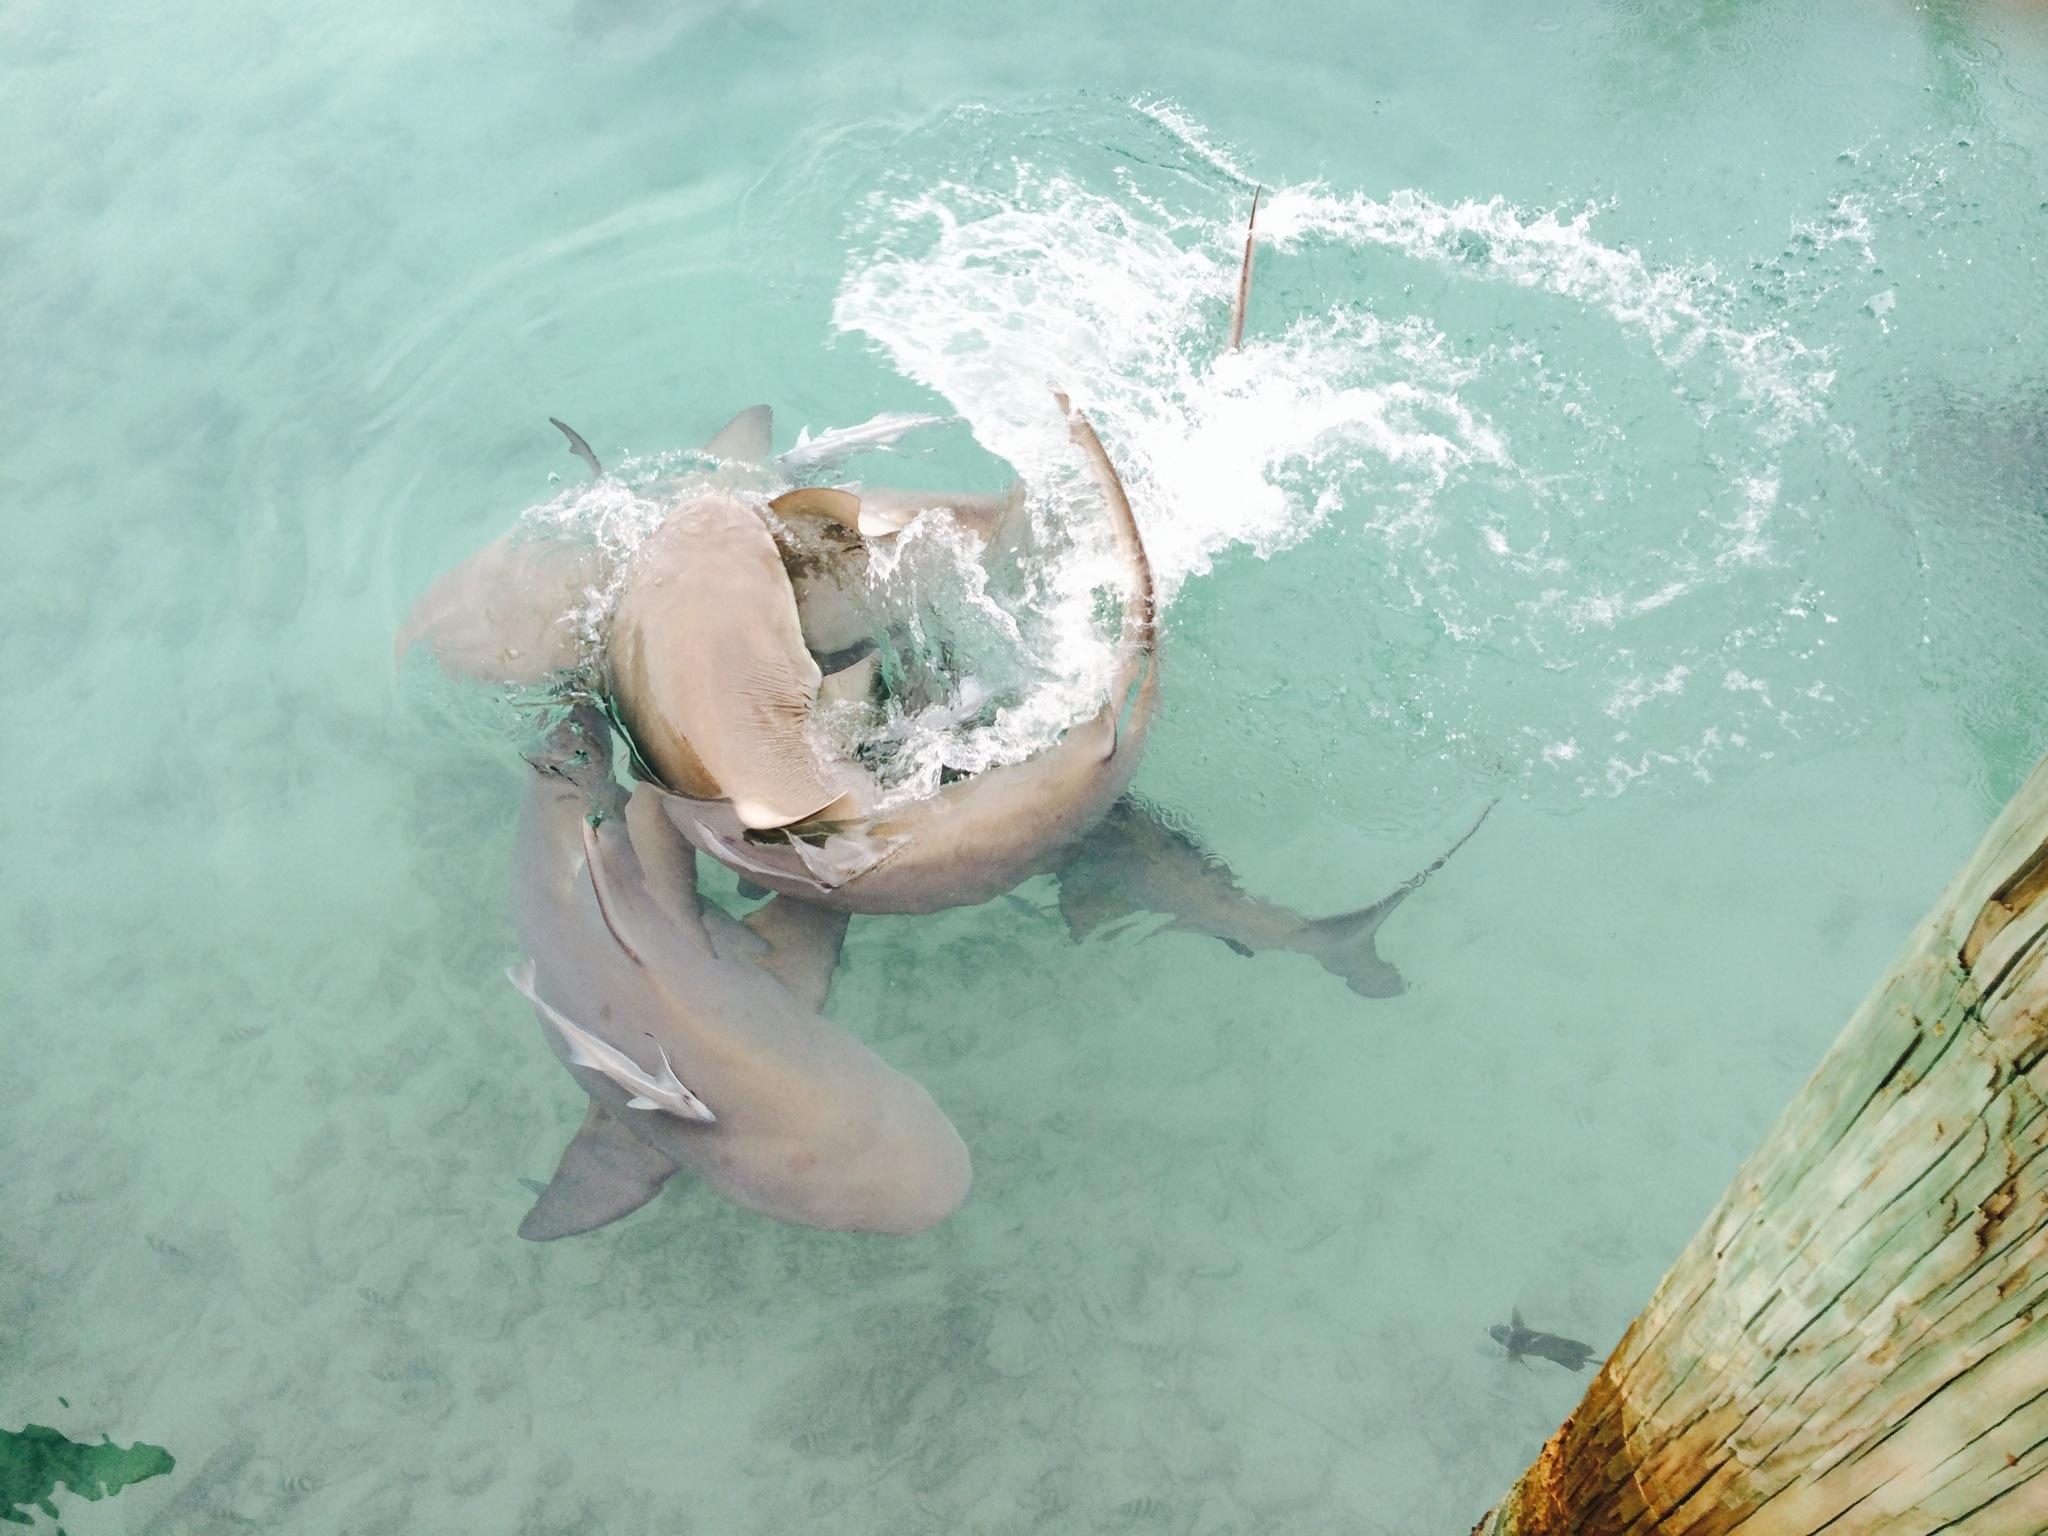 huge sharks eating people Gallery